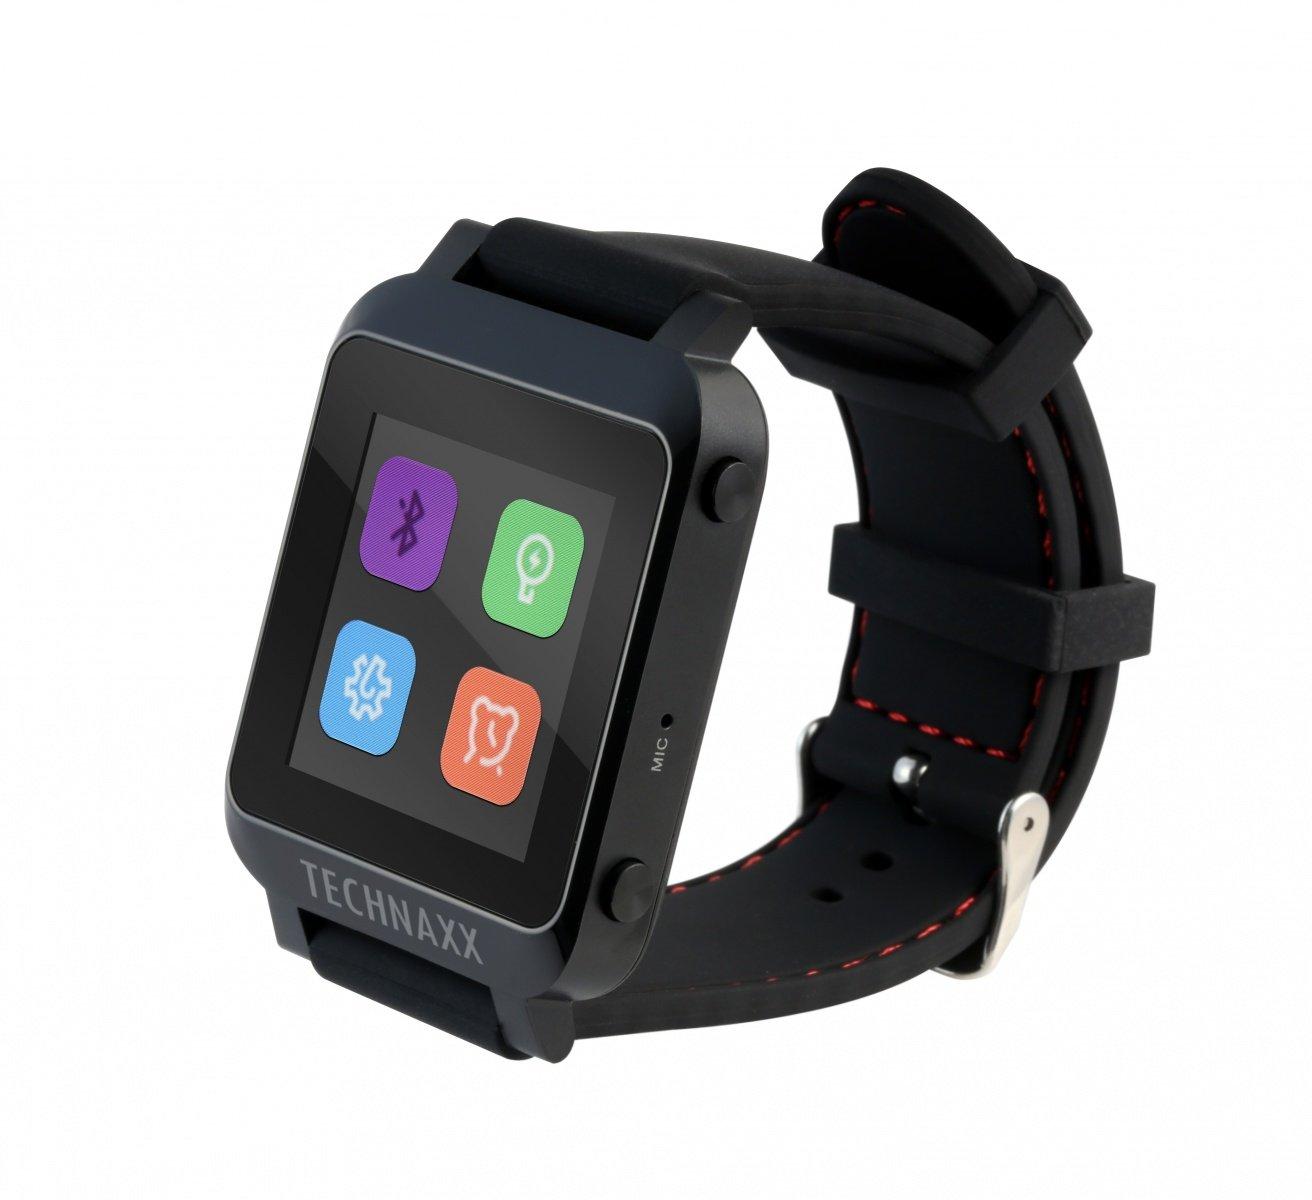 Technaxx TX-26 - relojes inteligentes (4.0 EDR, Polímero de litio, 290 mAh, 48h, 1 cm, 5,8 cm) Negro: Amazon.es: Electrónica